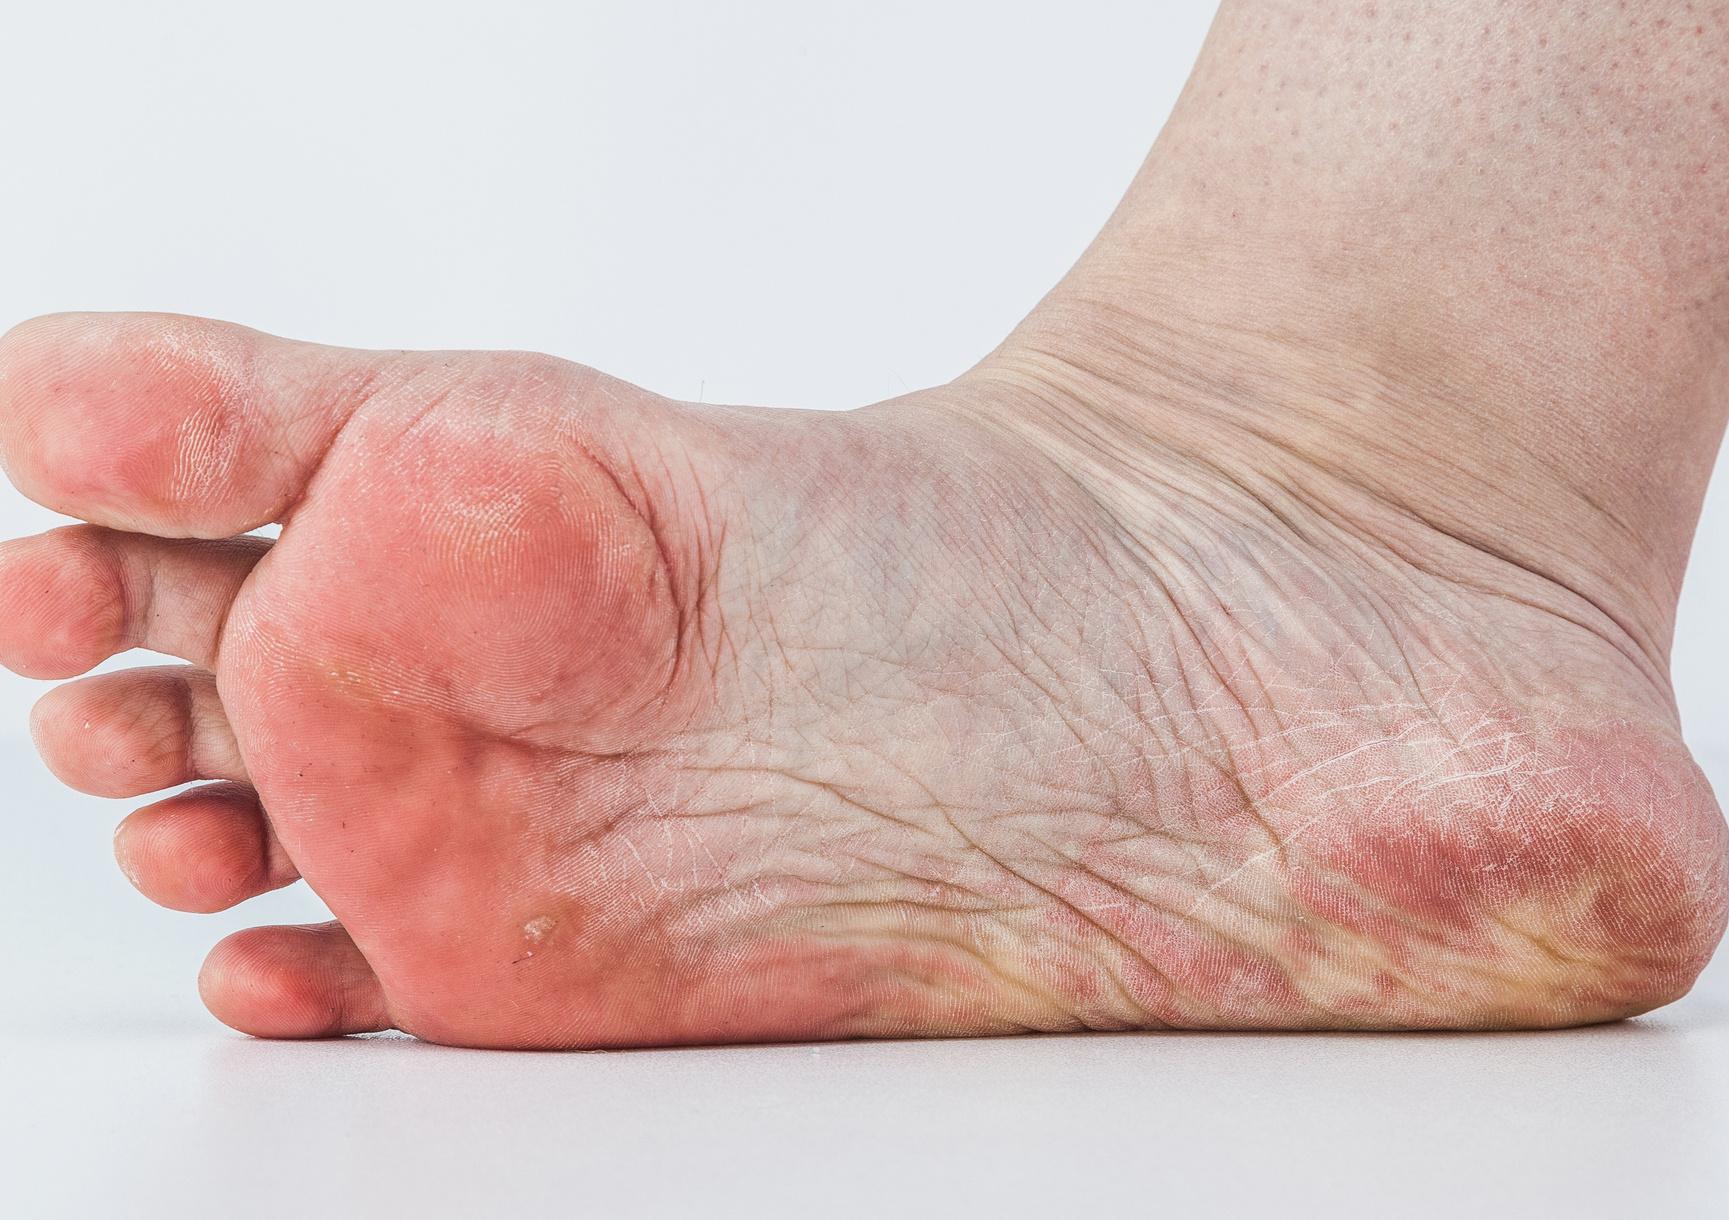 vizes vörös folt a lábán